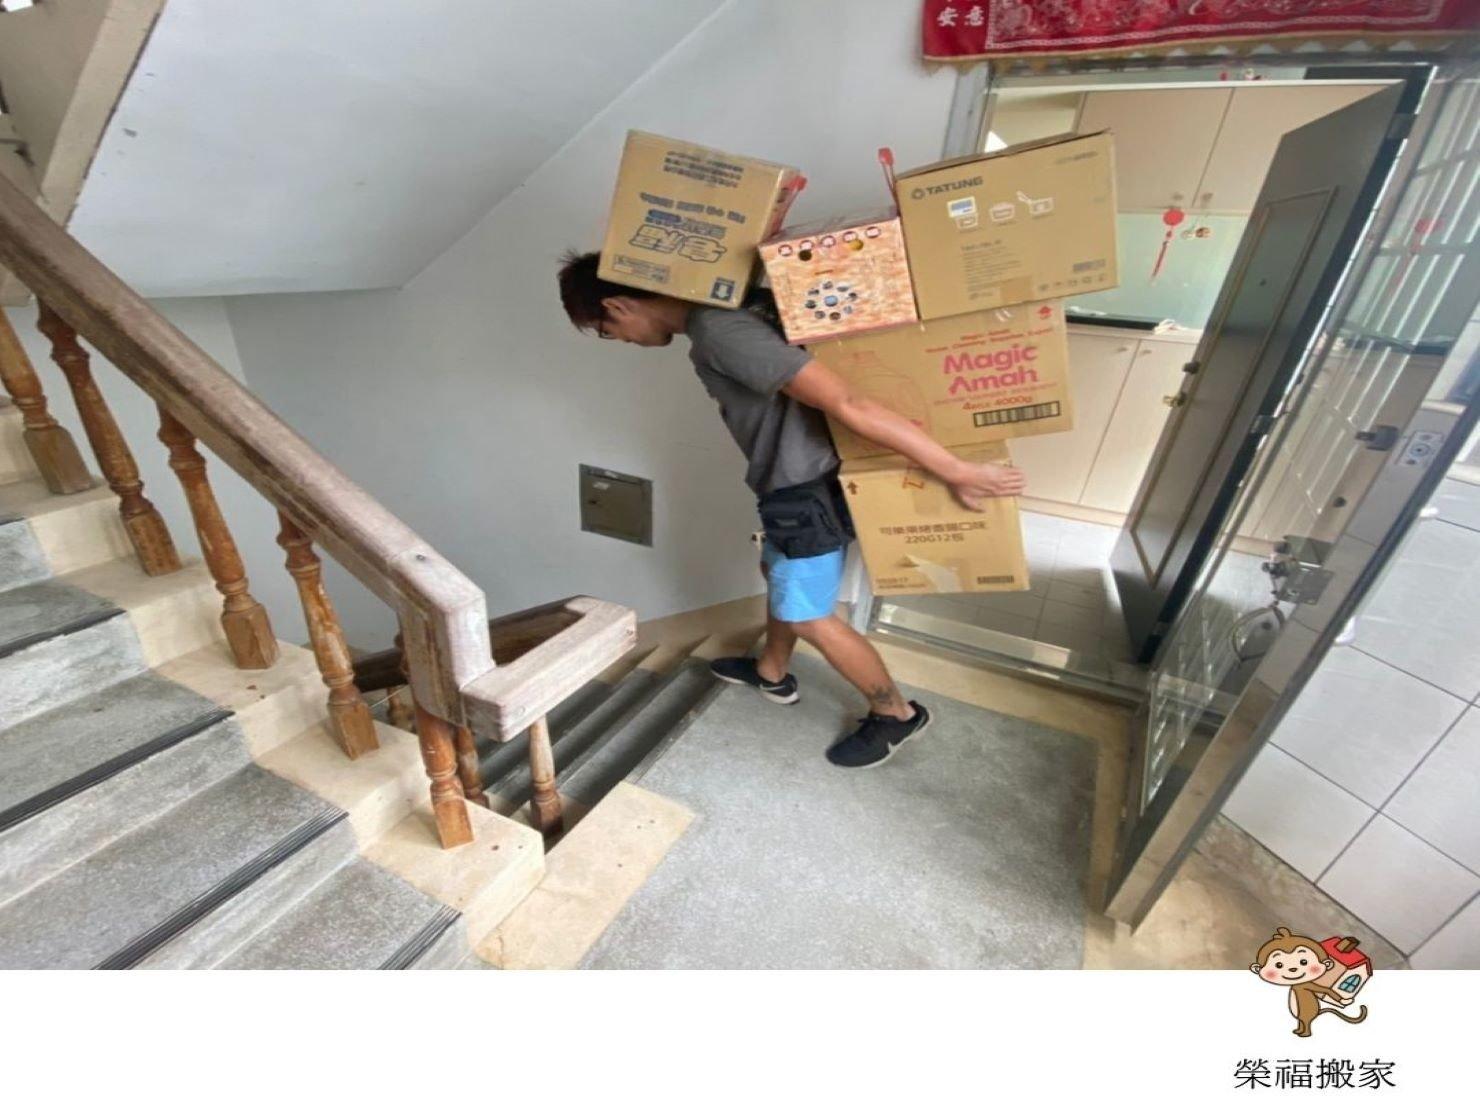 【搬家實錄】舊公寓小家庭搬家只有雜物樓層高,這樣搬家公司能快速又符合我們搬家需求嗎?